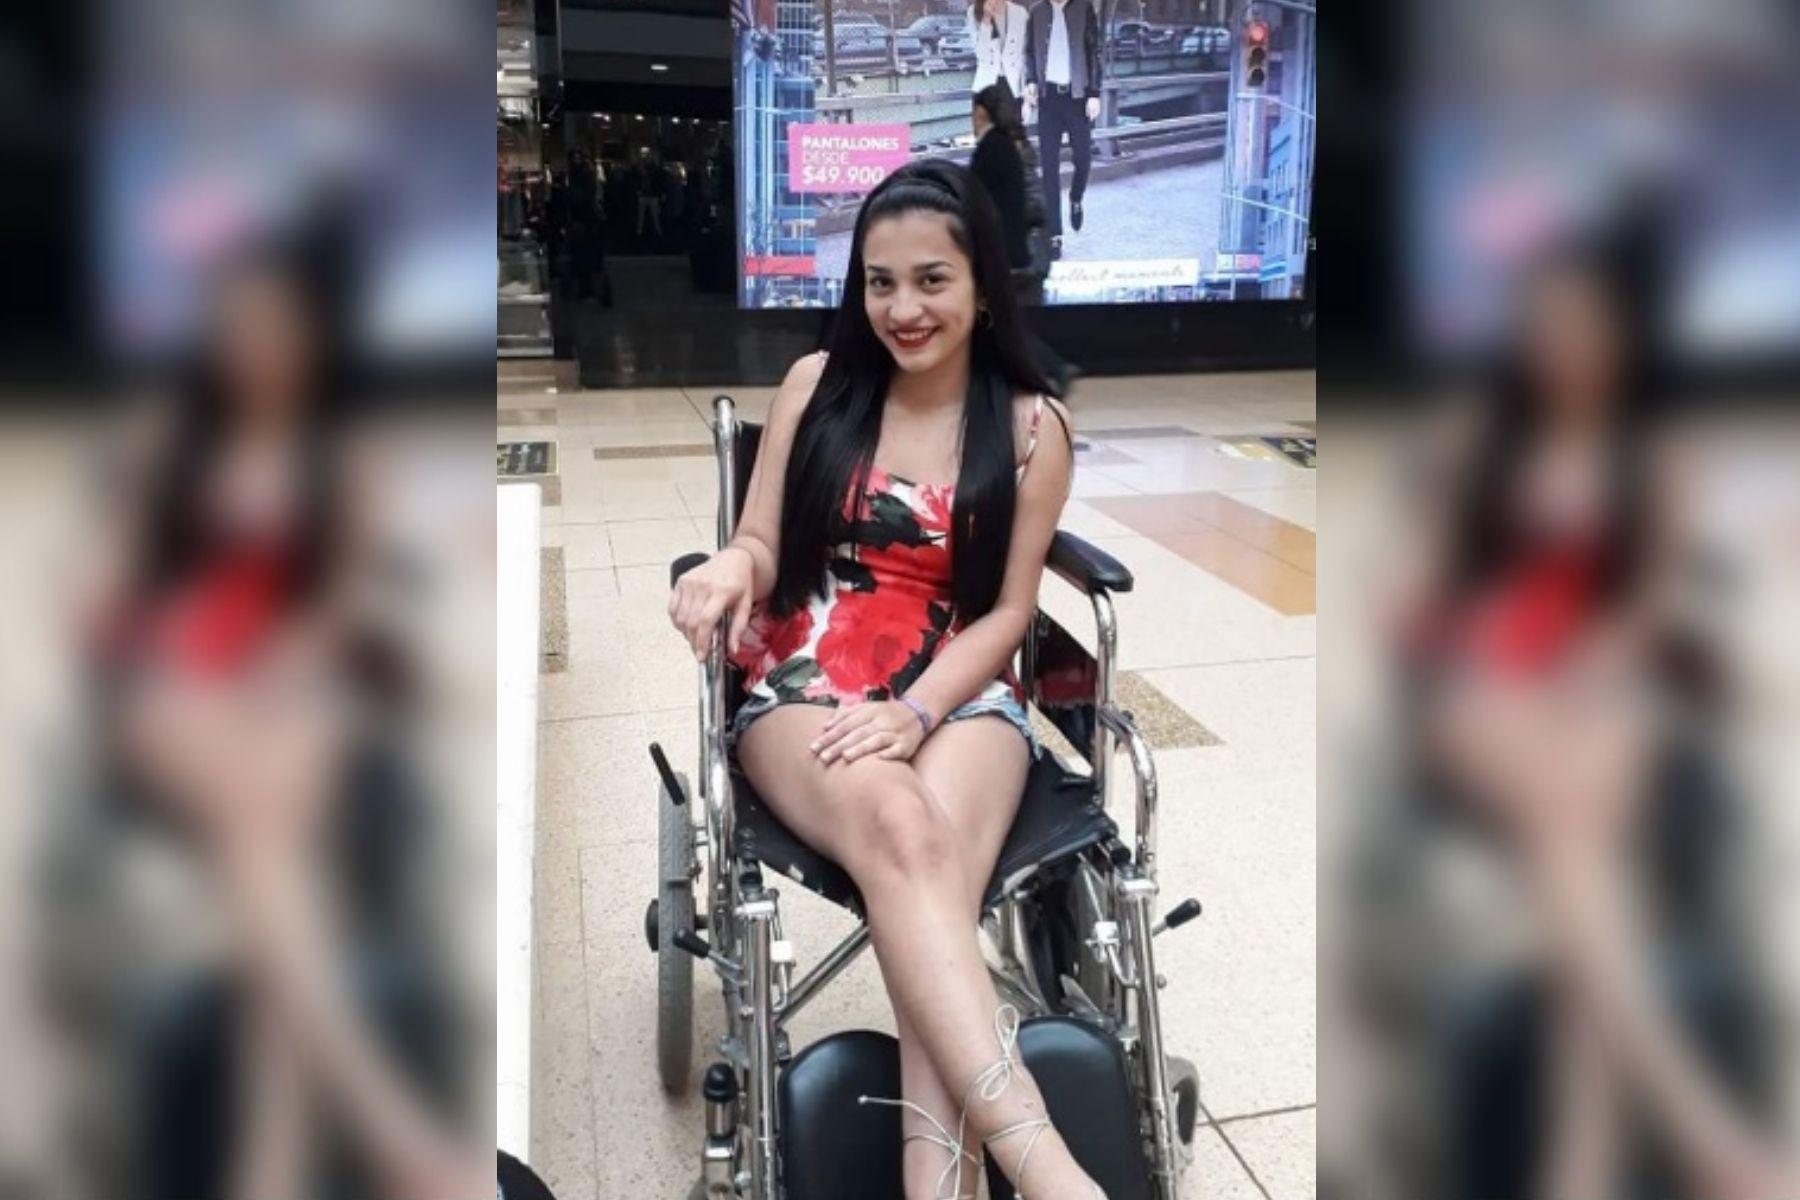 Estaba embarazada, se tatuó y quedó en silla de ruedas